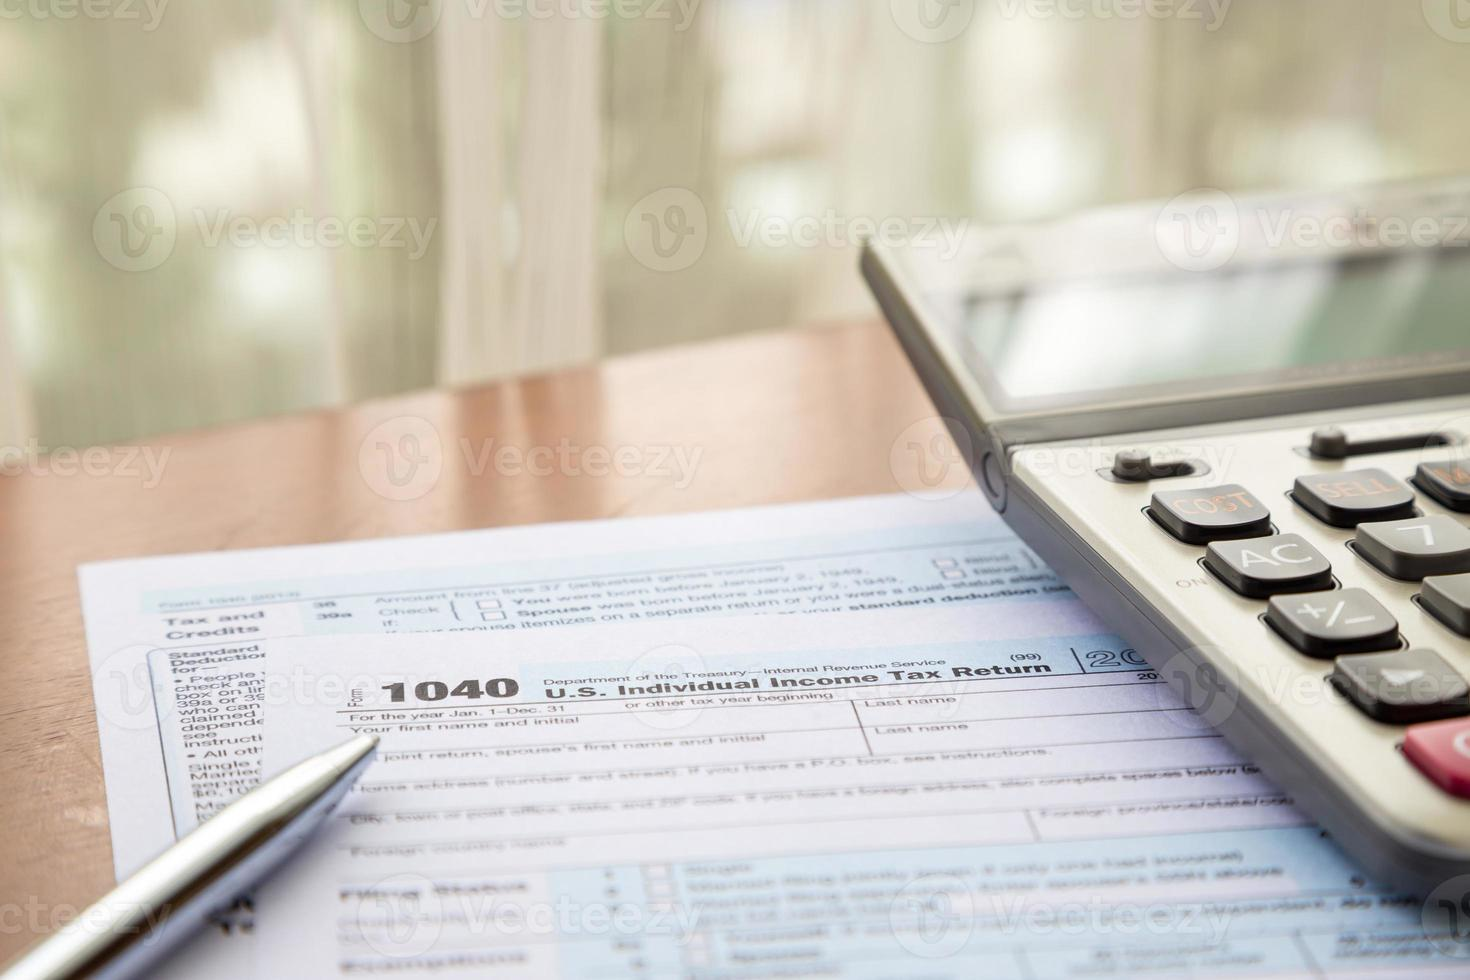 modulo 1040, noi dichiarazione dei redditi individuale foto